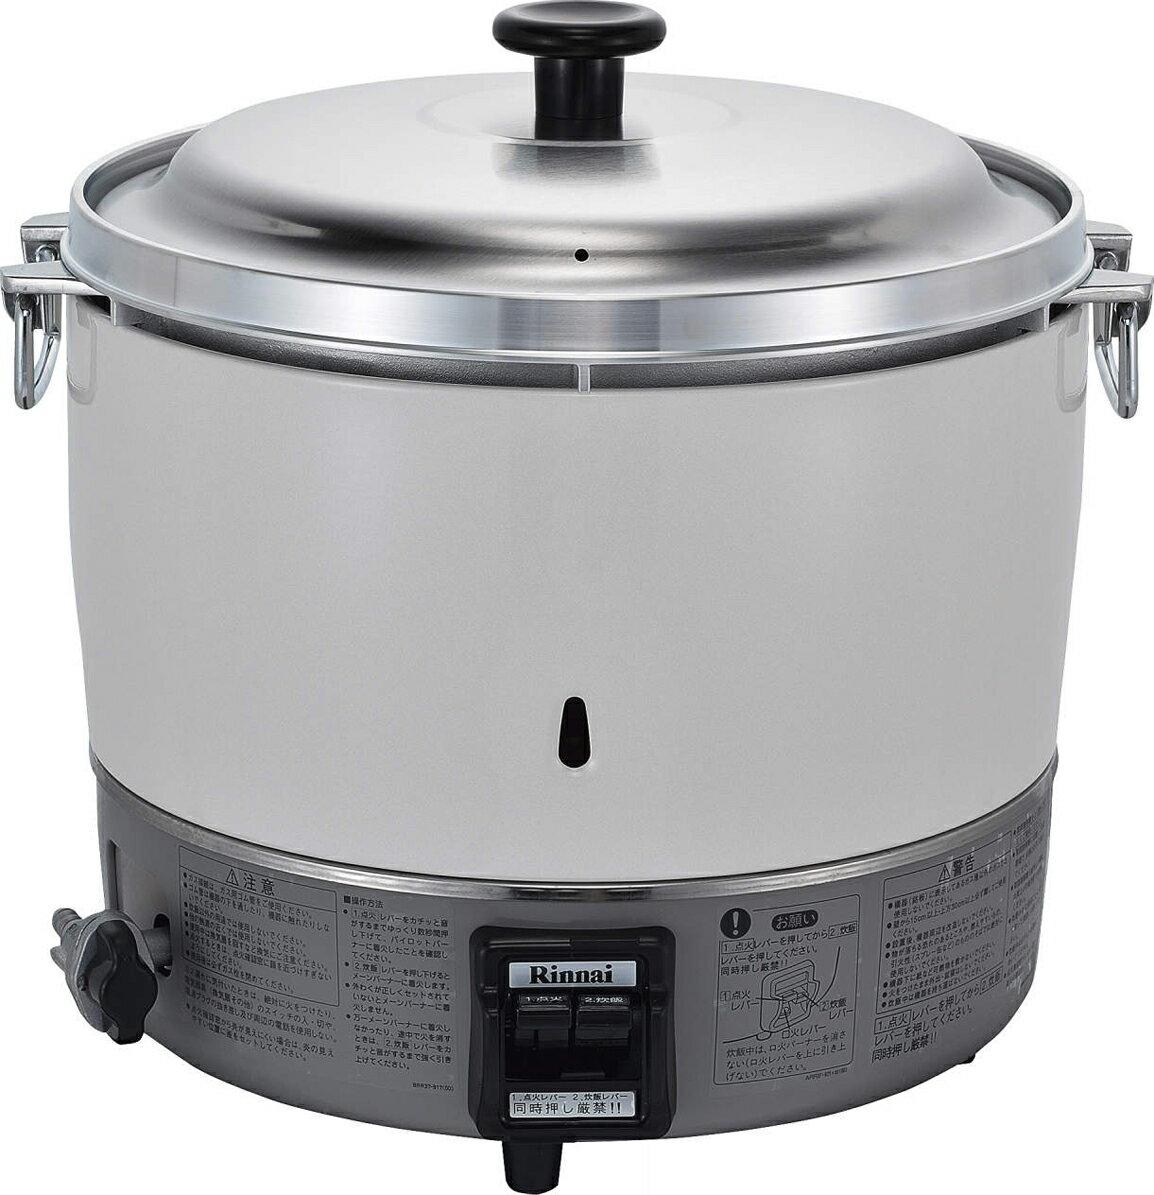 リンナイ ガス炊飯器 【RR-30S1】(RR30S1)3升 2.0〜6.0L 卓上型(普及タイプ)